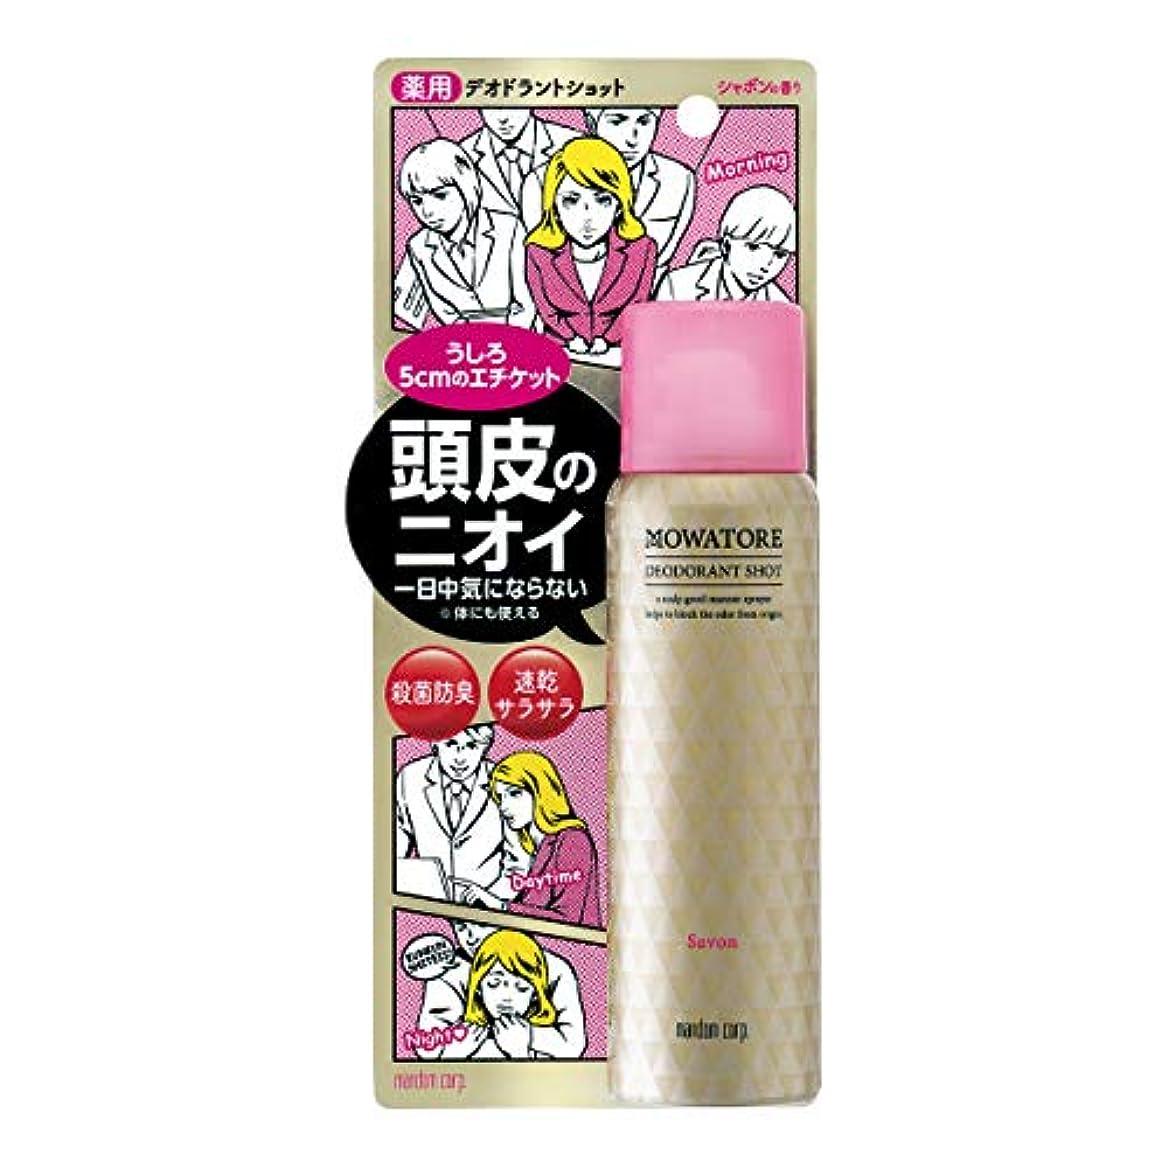 マンダム モワトレ 薬用デオドラントショット シャボン 70g (医薬部外品)